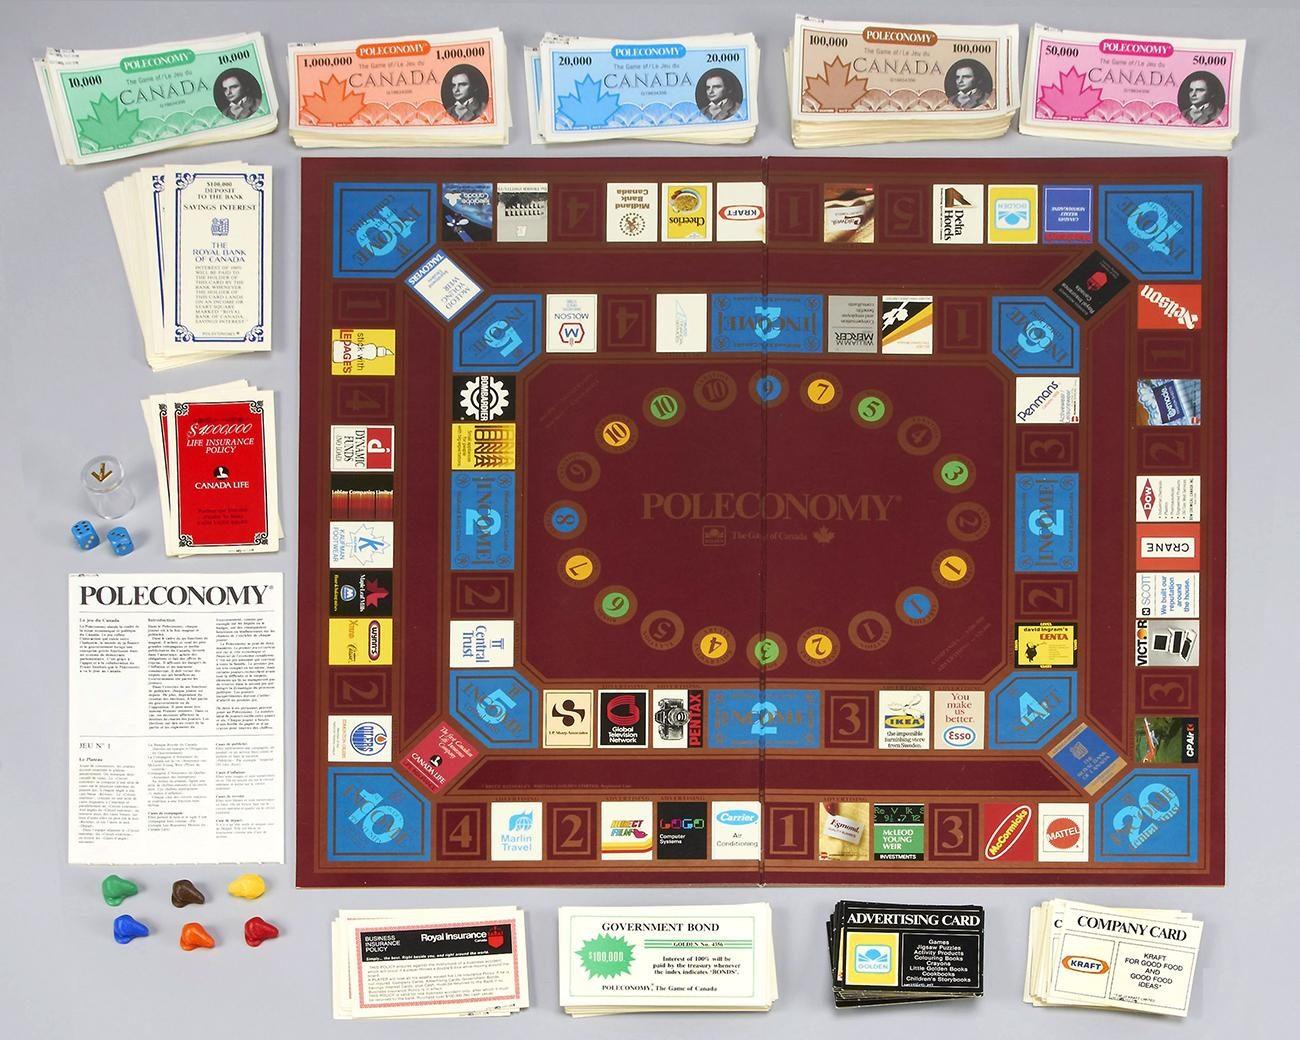 Un jeu de société illustré de vrais logos d'entreprises canadiennes datant des années 1980.